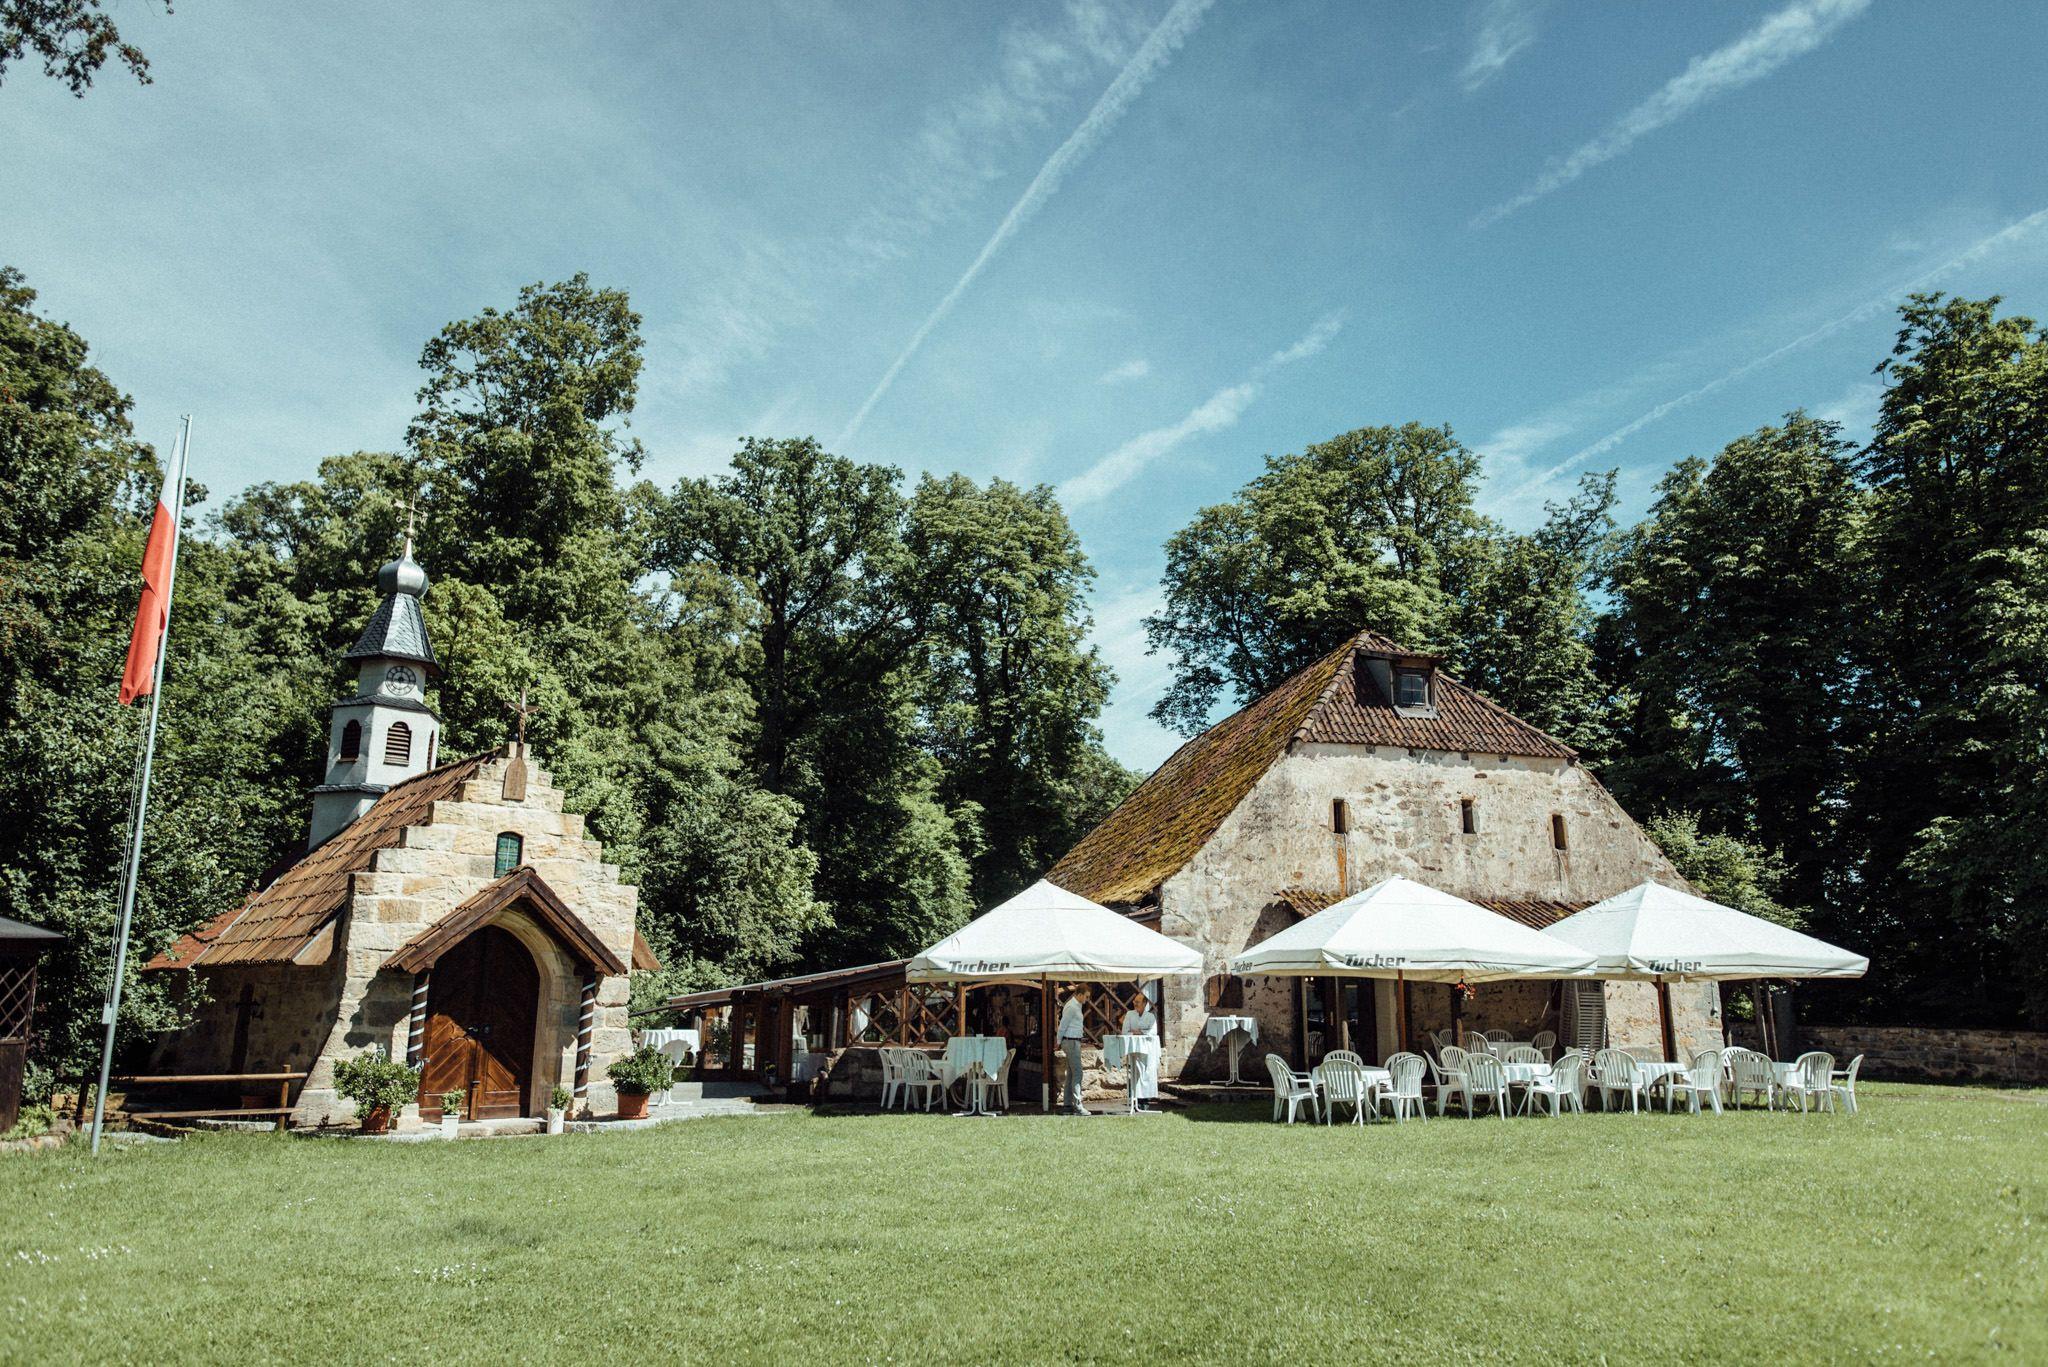 Heiraten Im Grunen Romantische Sommerhochzeit In Der Natur Heiraten Im Zauberhaften Schloss Geiersberg Hochzeitslocation Hochzeitsfotograf Hochzeitsfotos